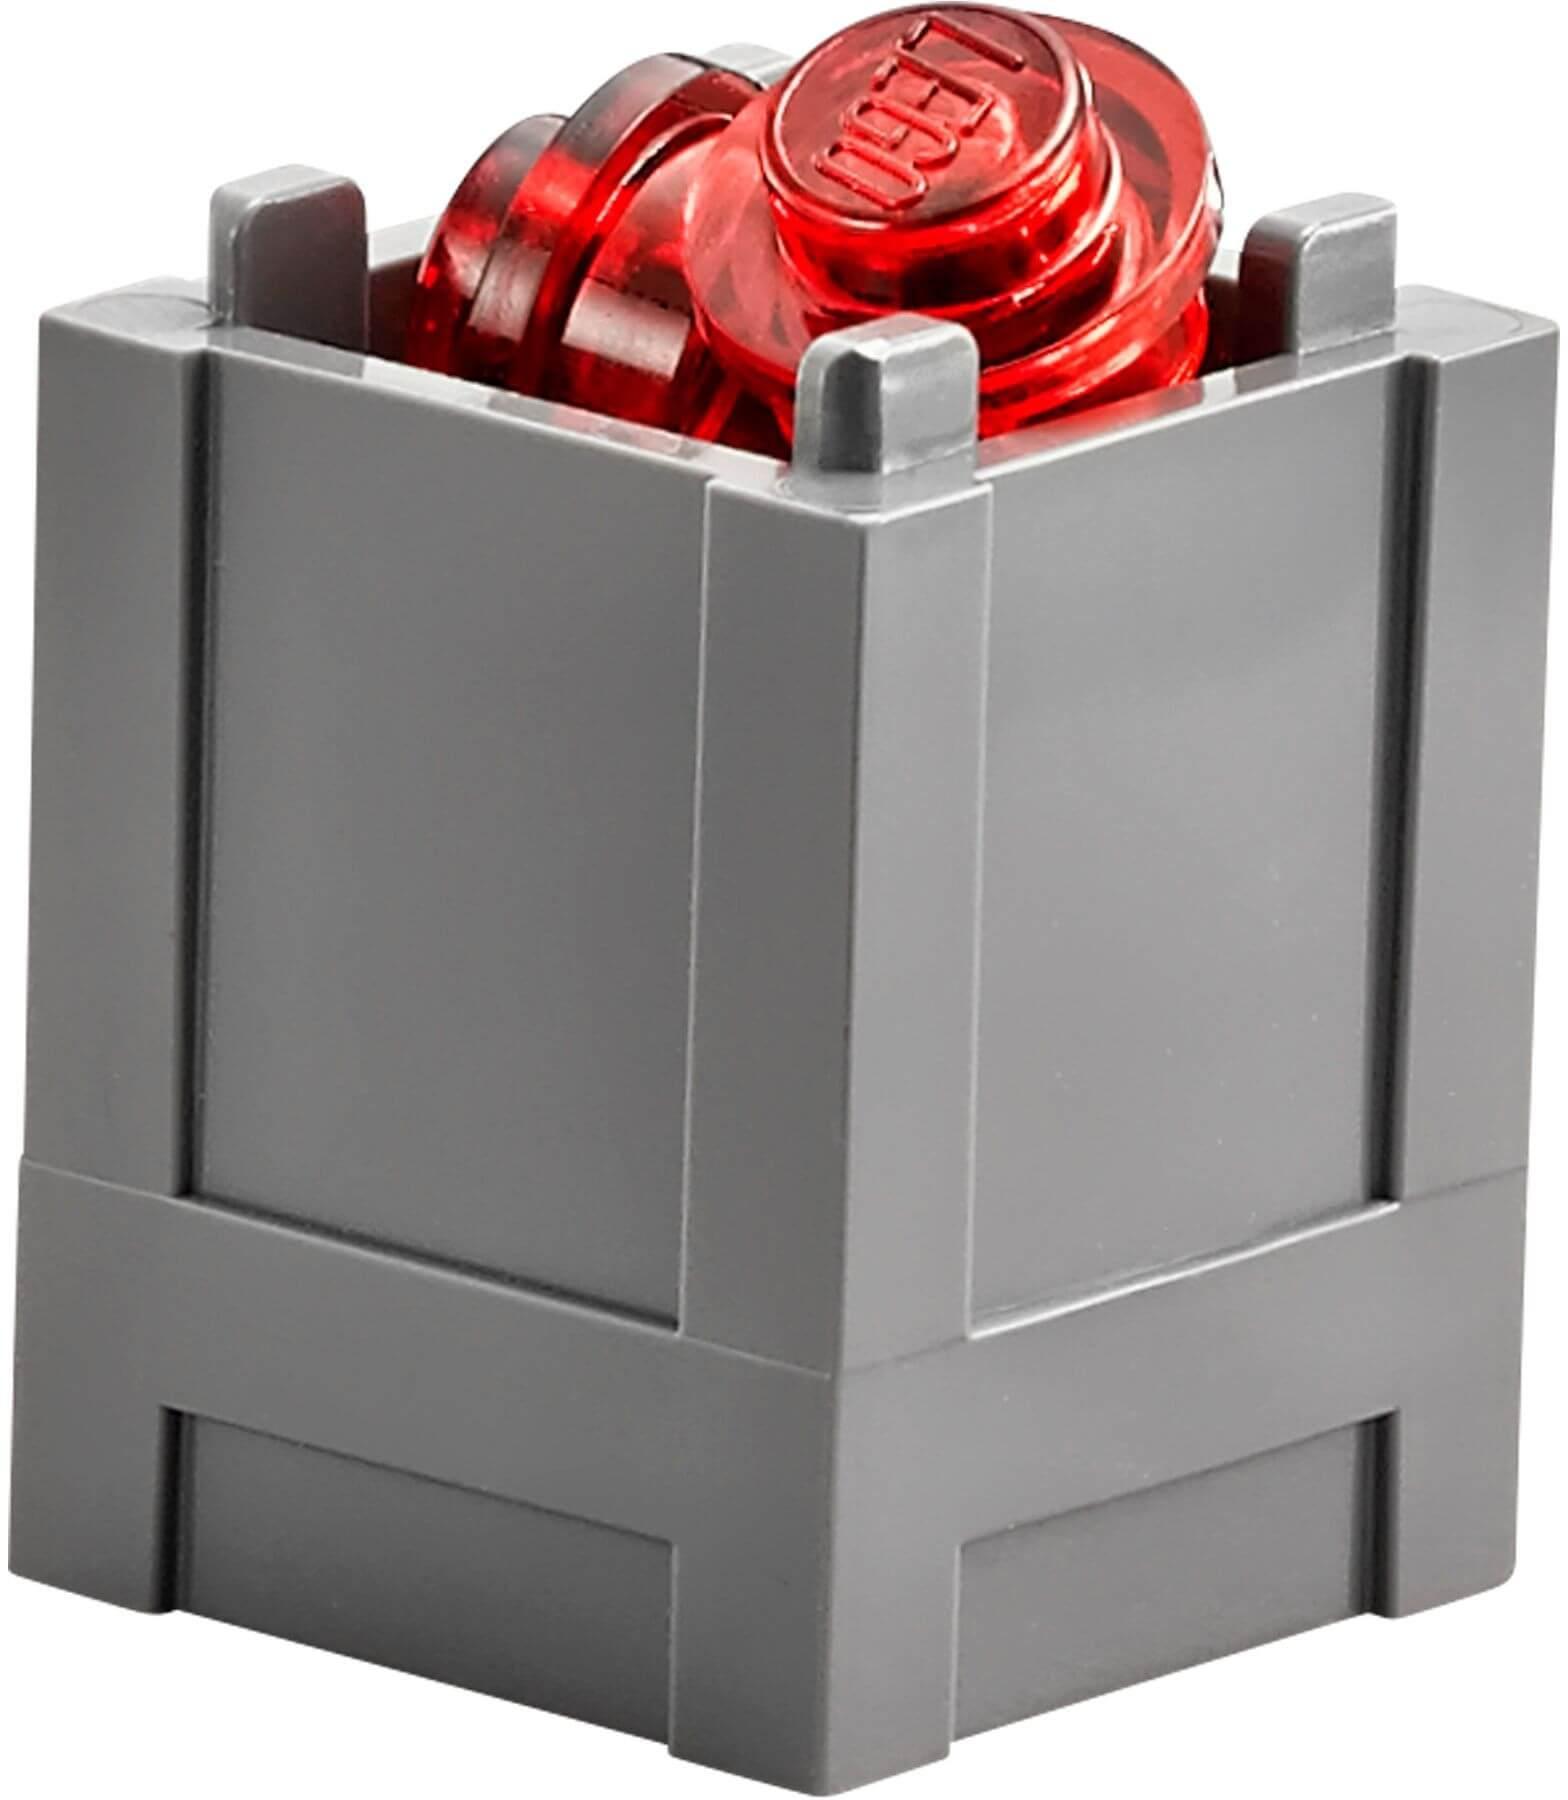 Mua đồ chơi LEGO 75099 - LEGO Star Wars 75099 - Phương tiện phản lực siêu tốc của Rey (LEGO Star Wars Rey's Speeder 75099)